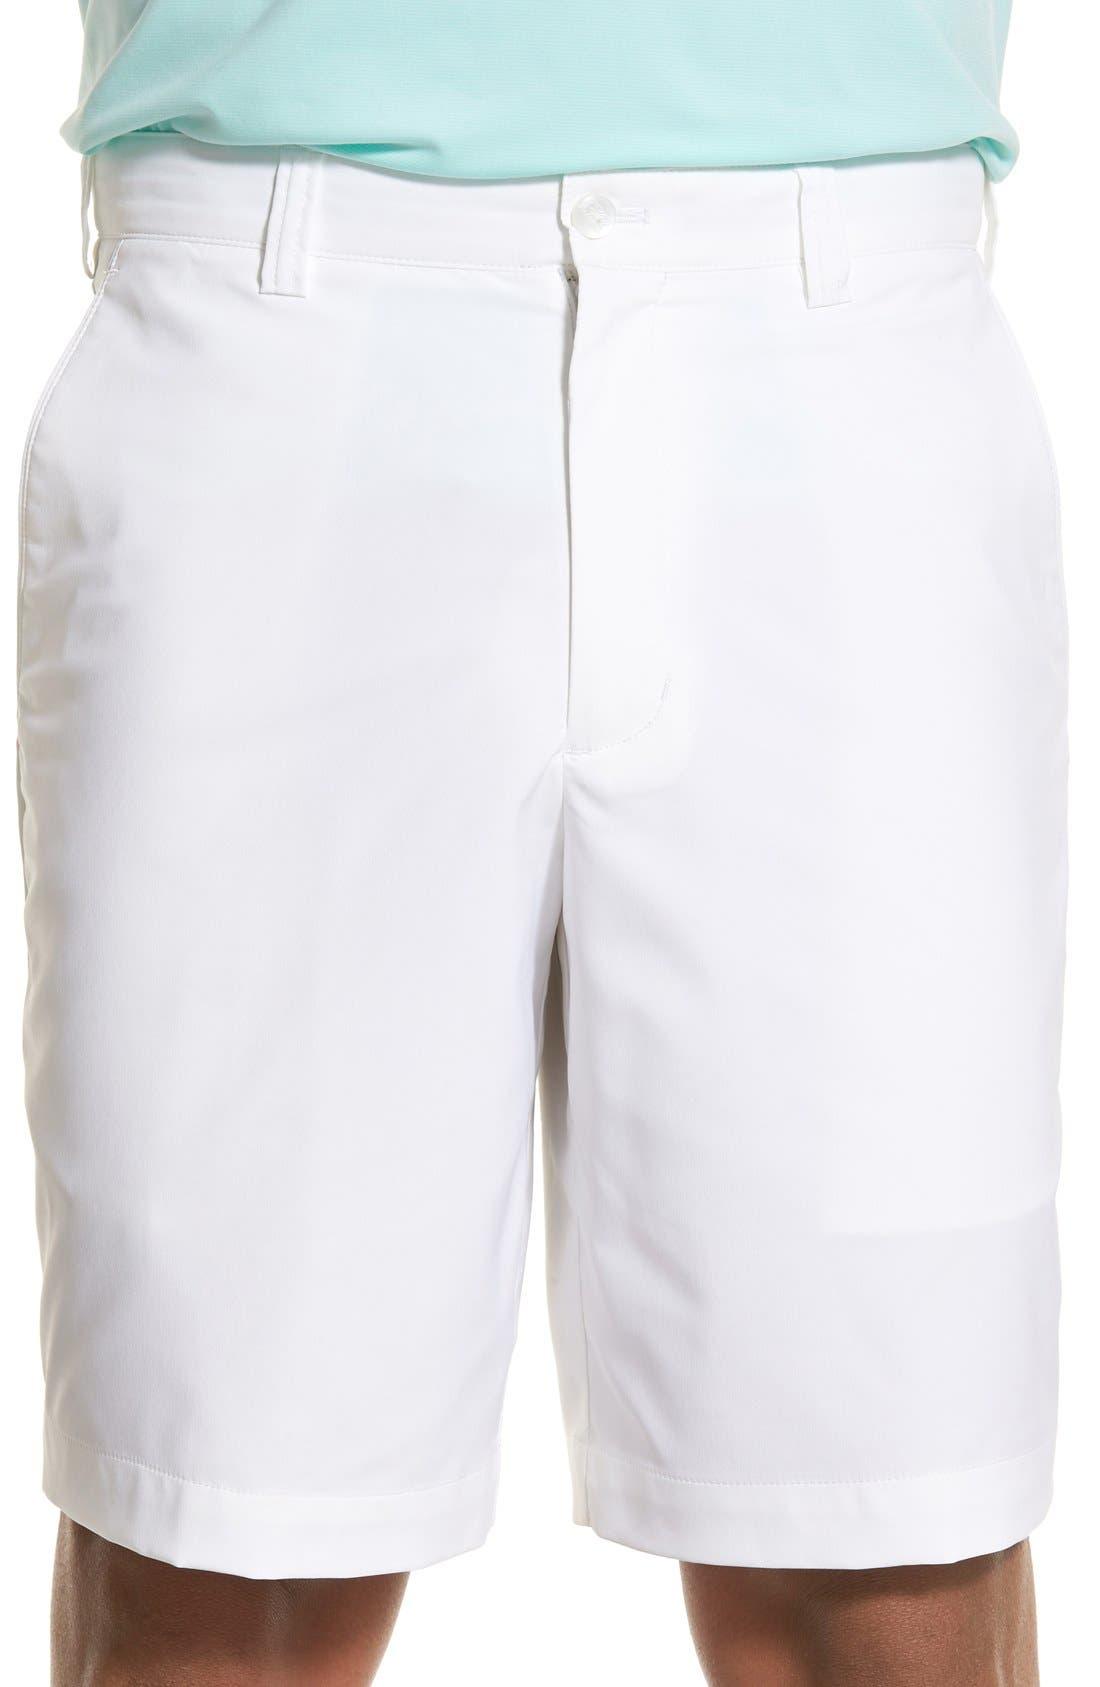 Bainbridge DryTec Flat Front Shorts,                             Main thumbnail 1, color,                             WHITE